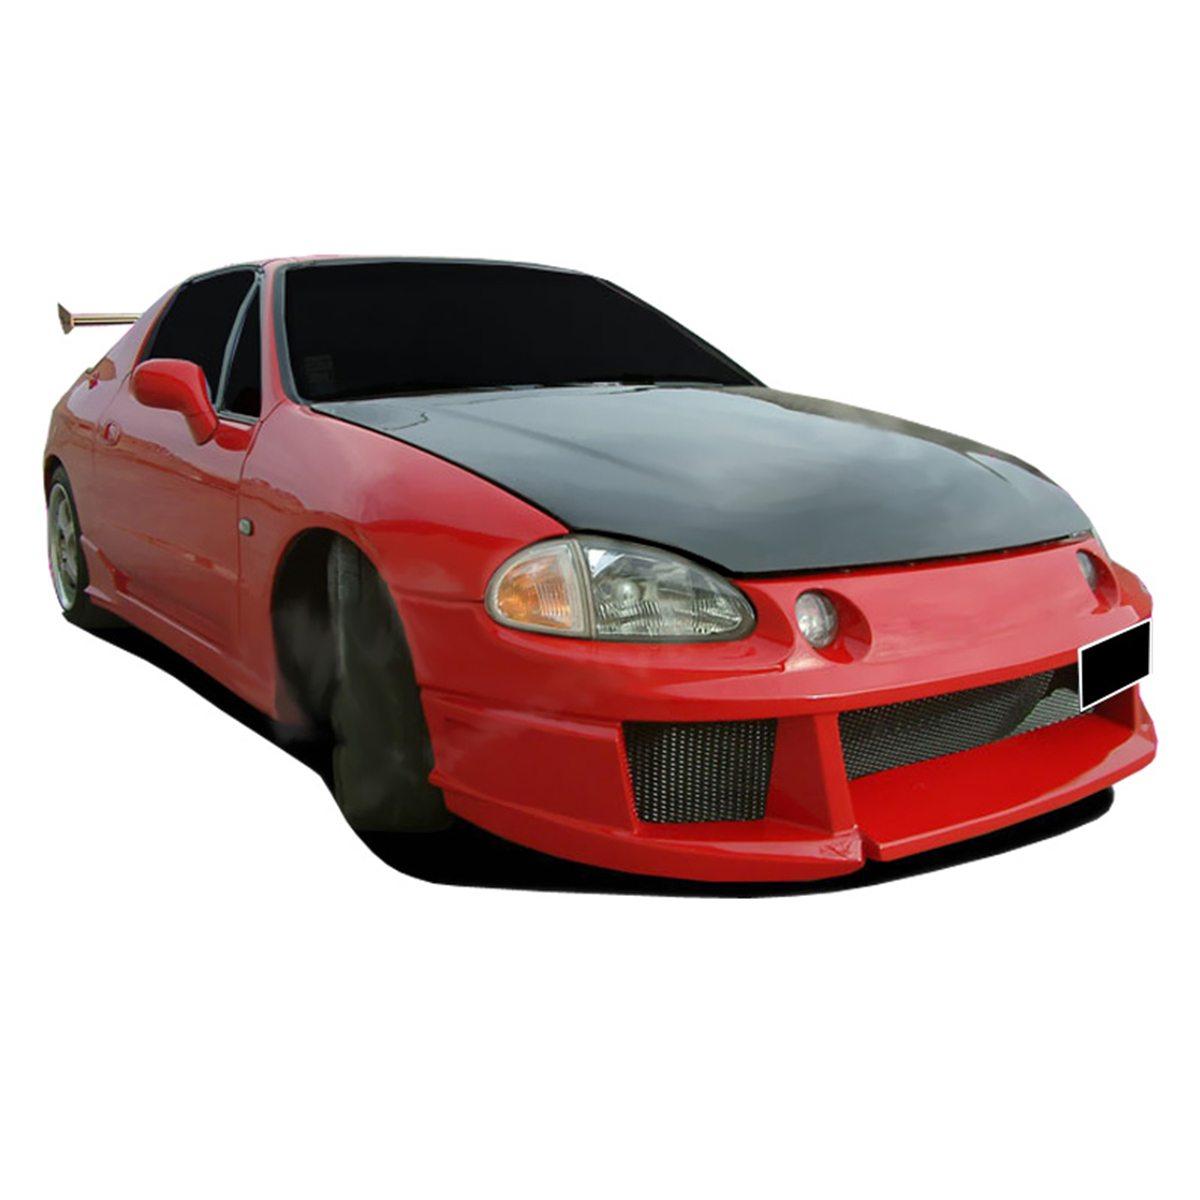 Honda-CRX-Del-Sol-Devil-Frt-PCN043